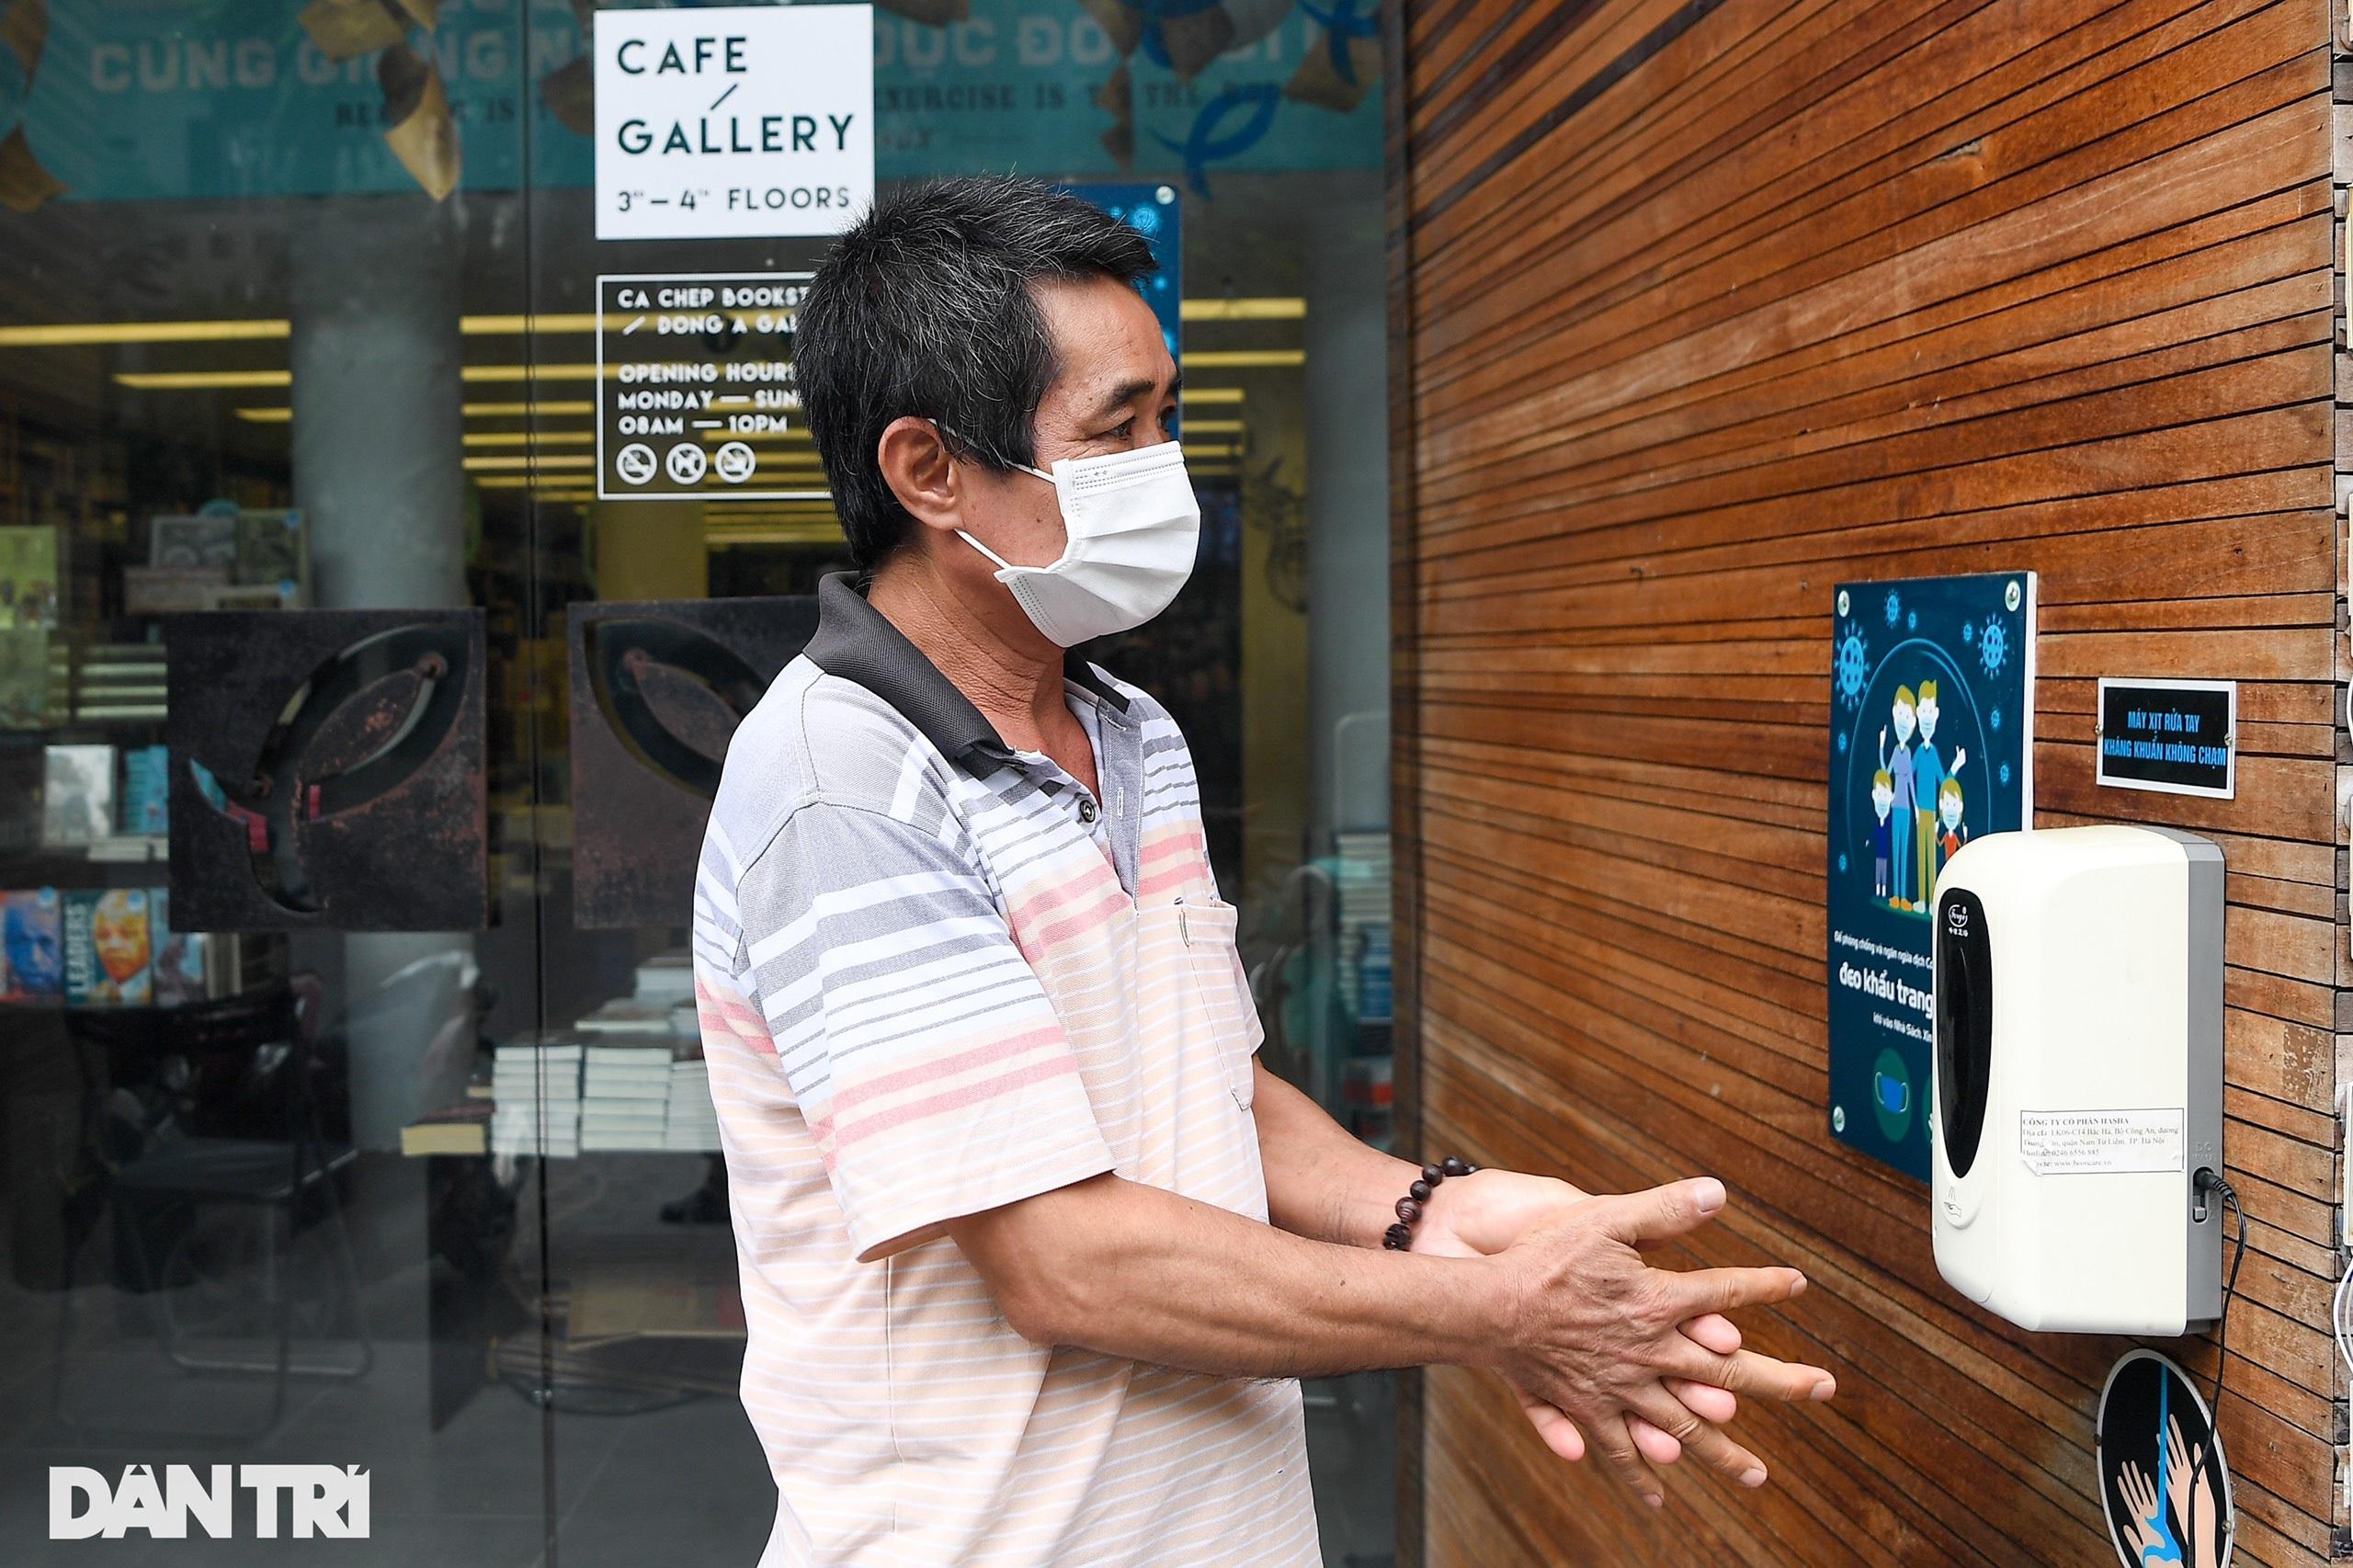 Ngày đầu hàng quán 19 quận huyện ở Hà Nội được mở cửa bán mang về - 18